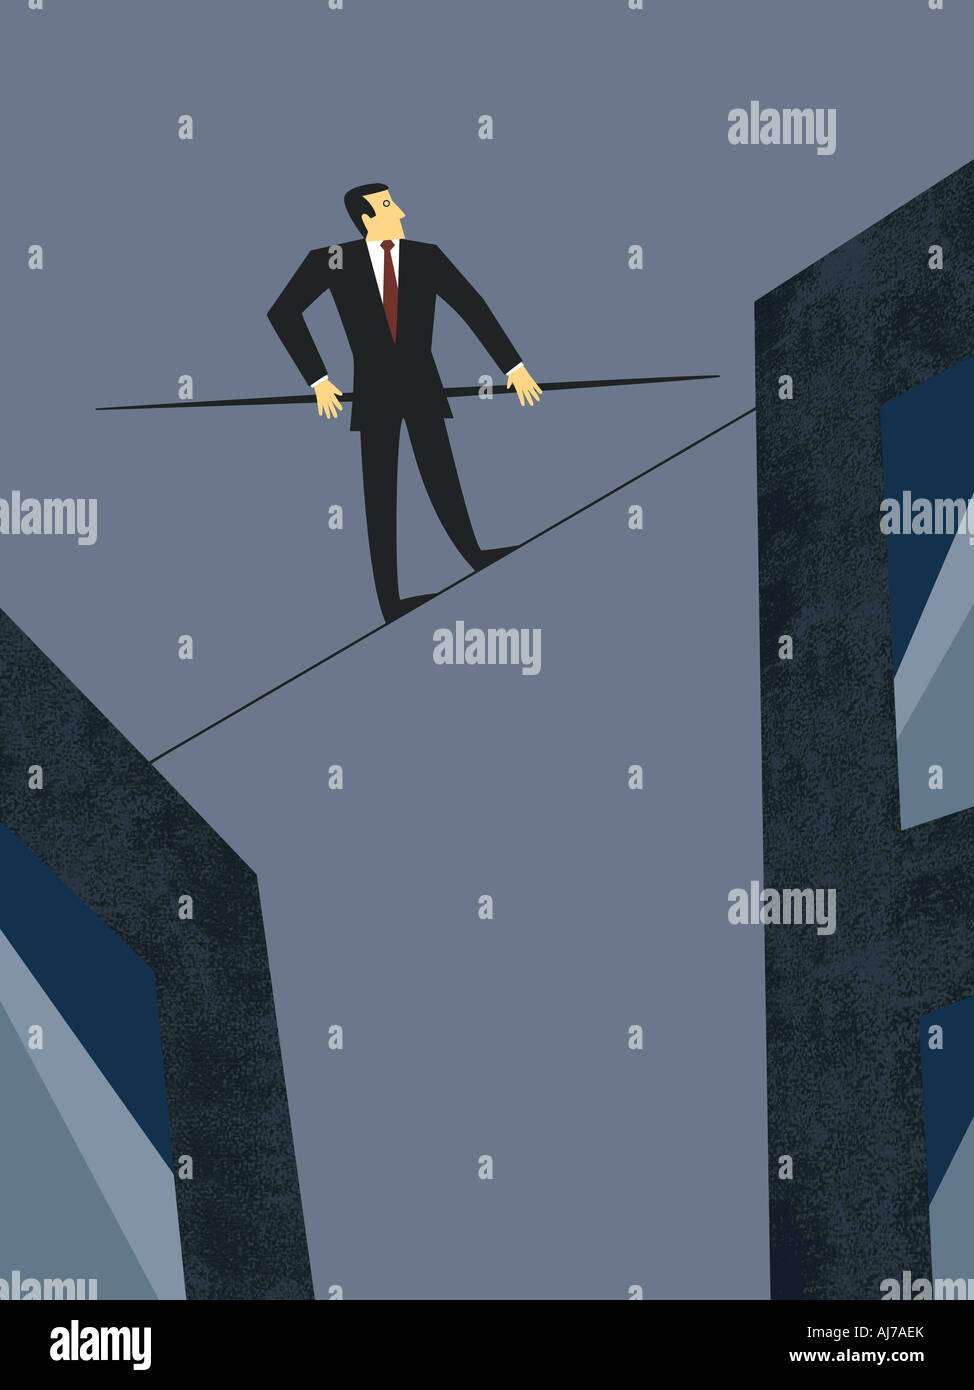 Acto de equilibrio comercial - ejecutivo masculino caminar sobre la cuerda floja Imagen De Stock